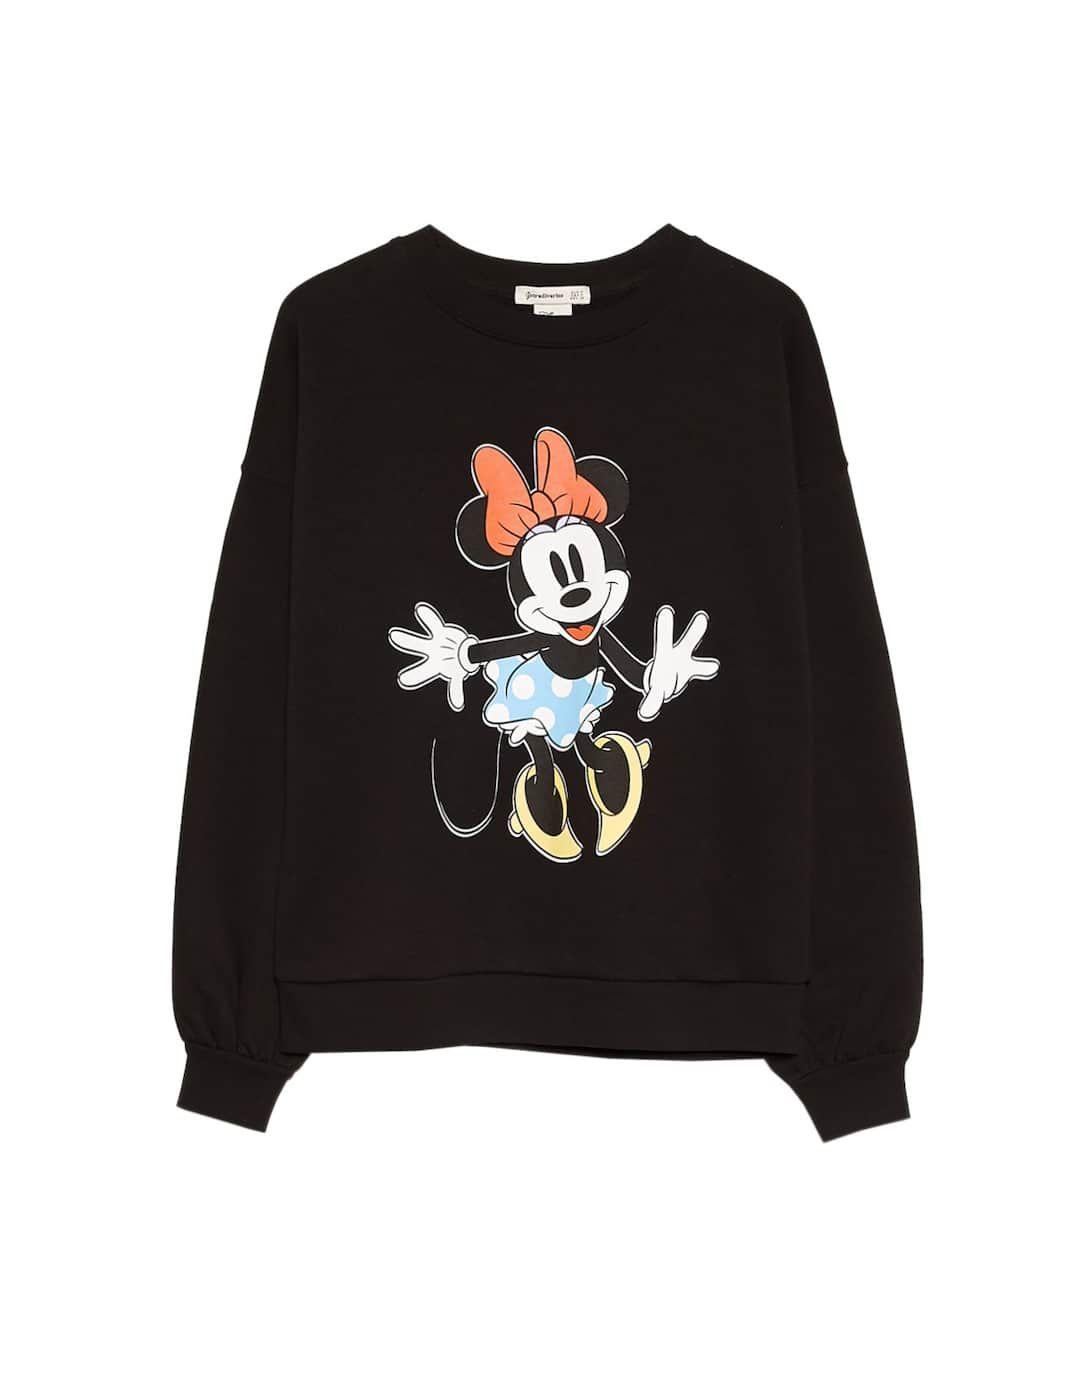 365a78bd Sudadera Mickey Mouse | 2019 fw | Sudadera mickey mouse, Sudaderas y ...